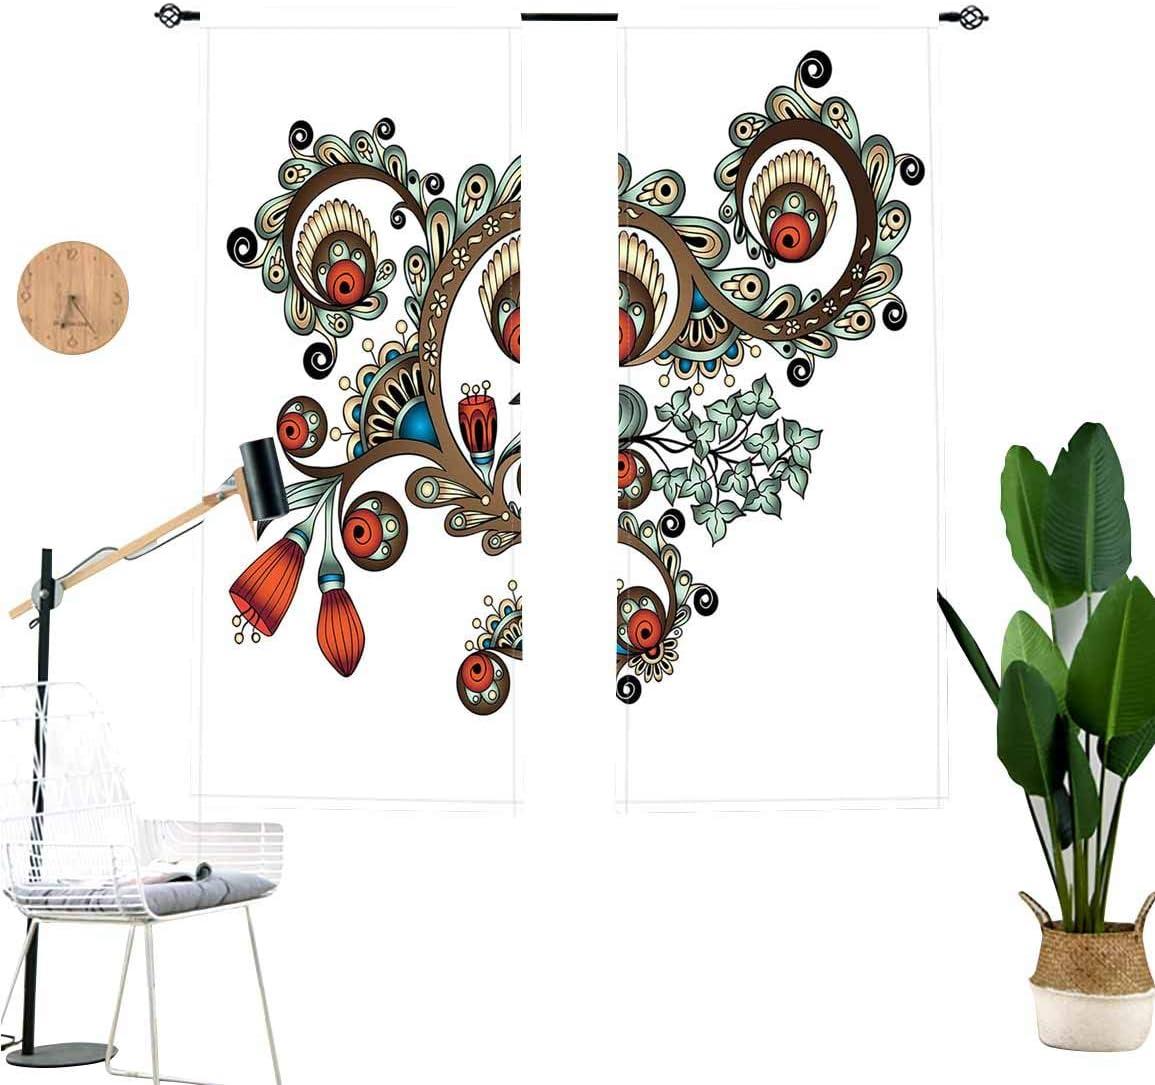 Henna Blackout Curtains,Doodle Style Floral Color Palette Asian Culture Window Drapes 2 Panel Set for Kitchen Cafe Decor,W29 x L36 Each Panel